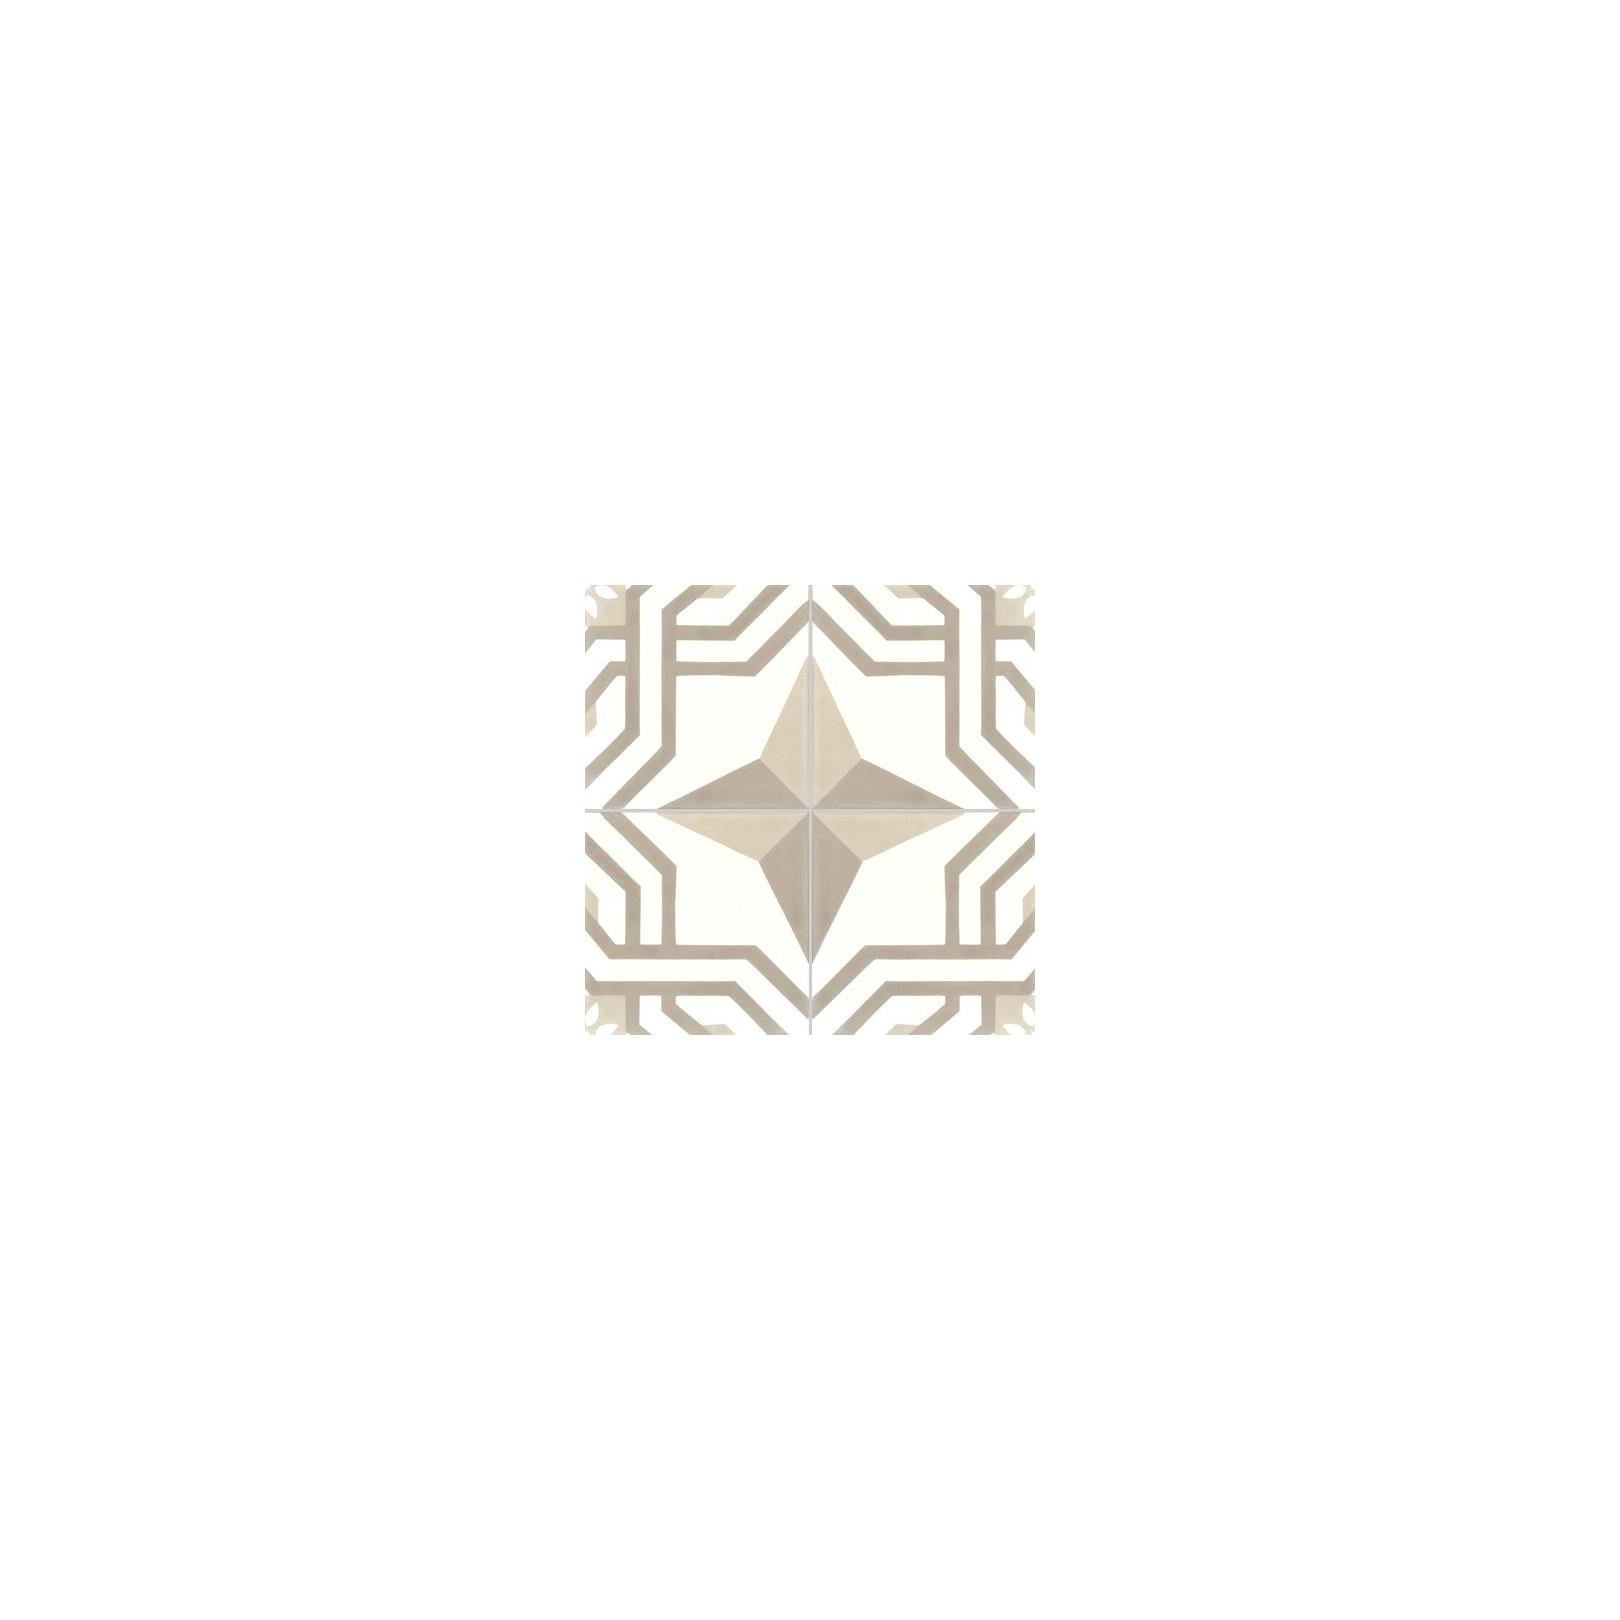 Carreau de ciment coloré motif 4 carreaux blanc, beige et marron ALMA 36.37.10